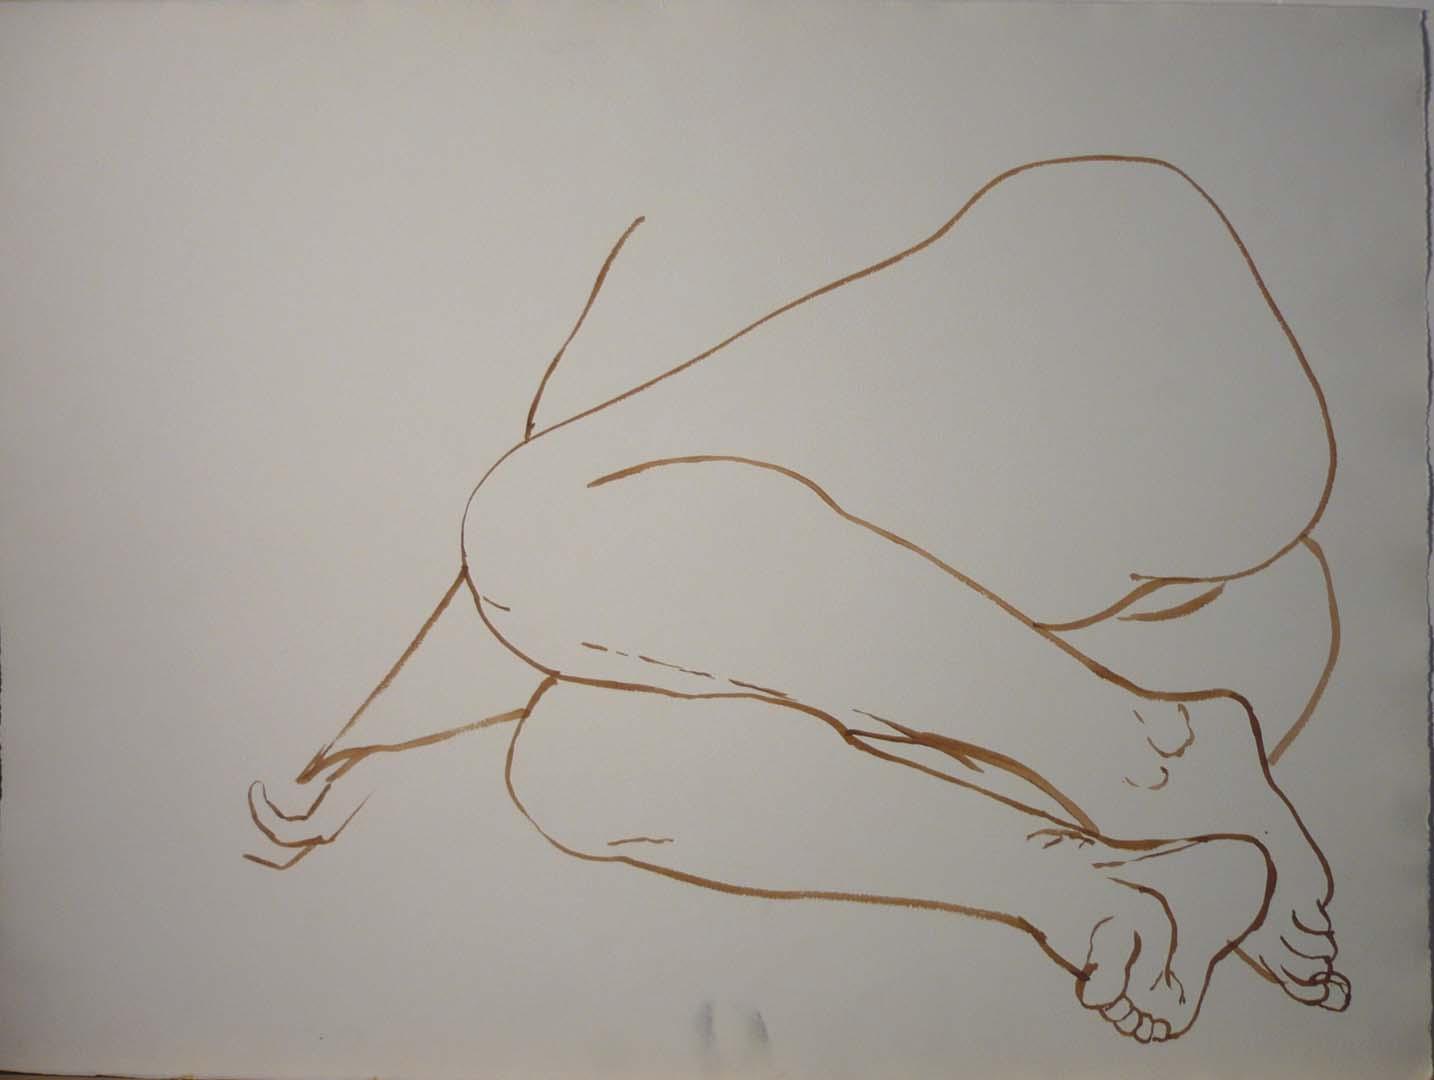 Folded Legs Sepia 22.125 x 29.875